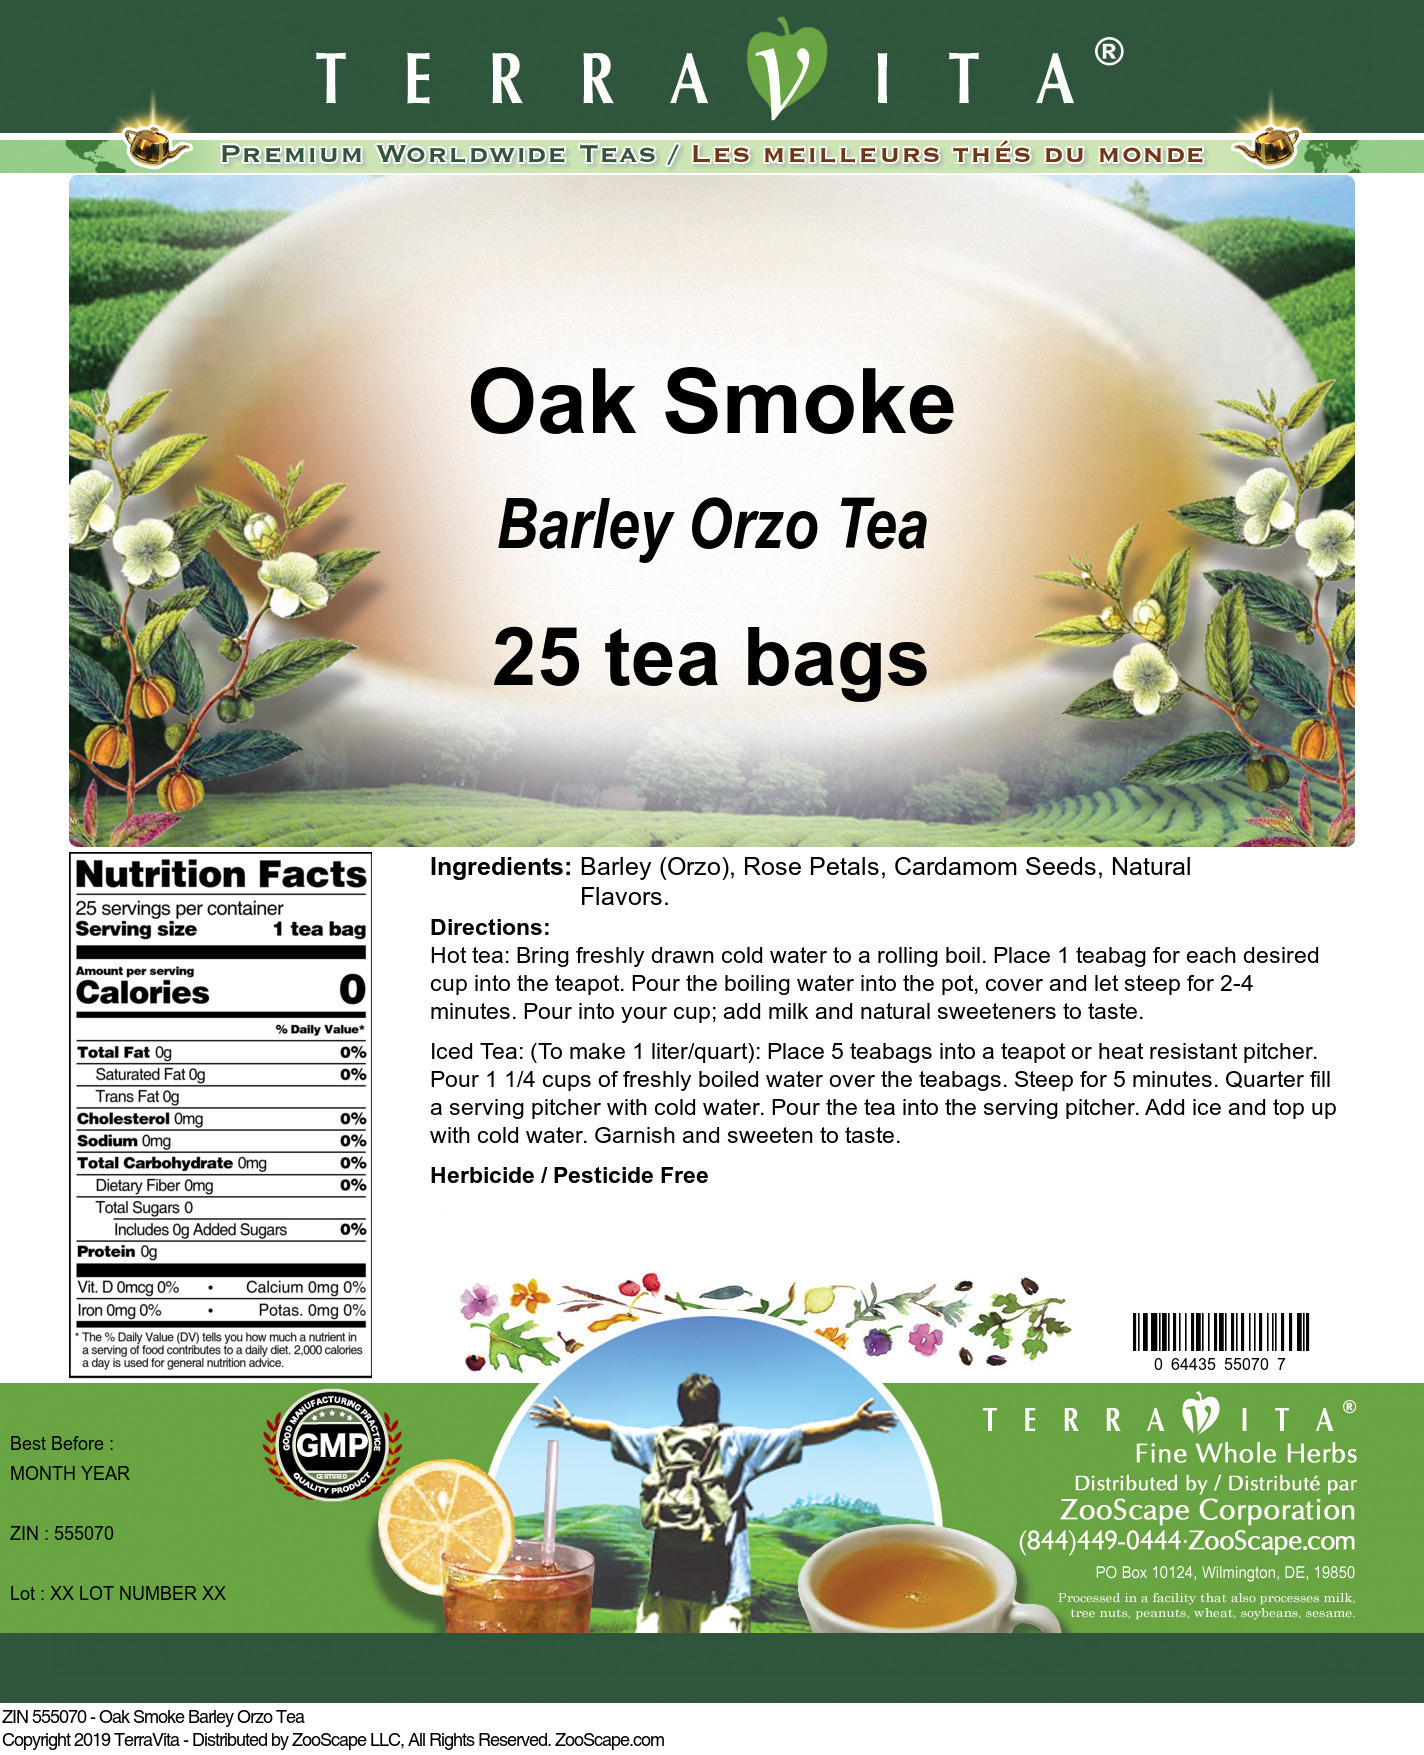 Oak Smoke Barley Orzo Tea